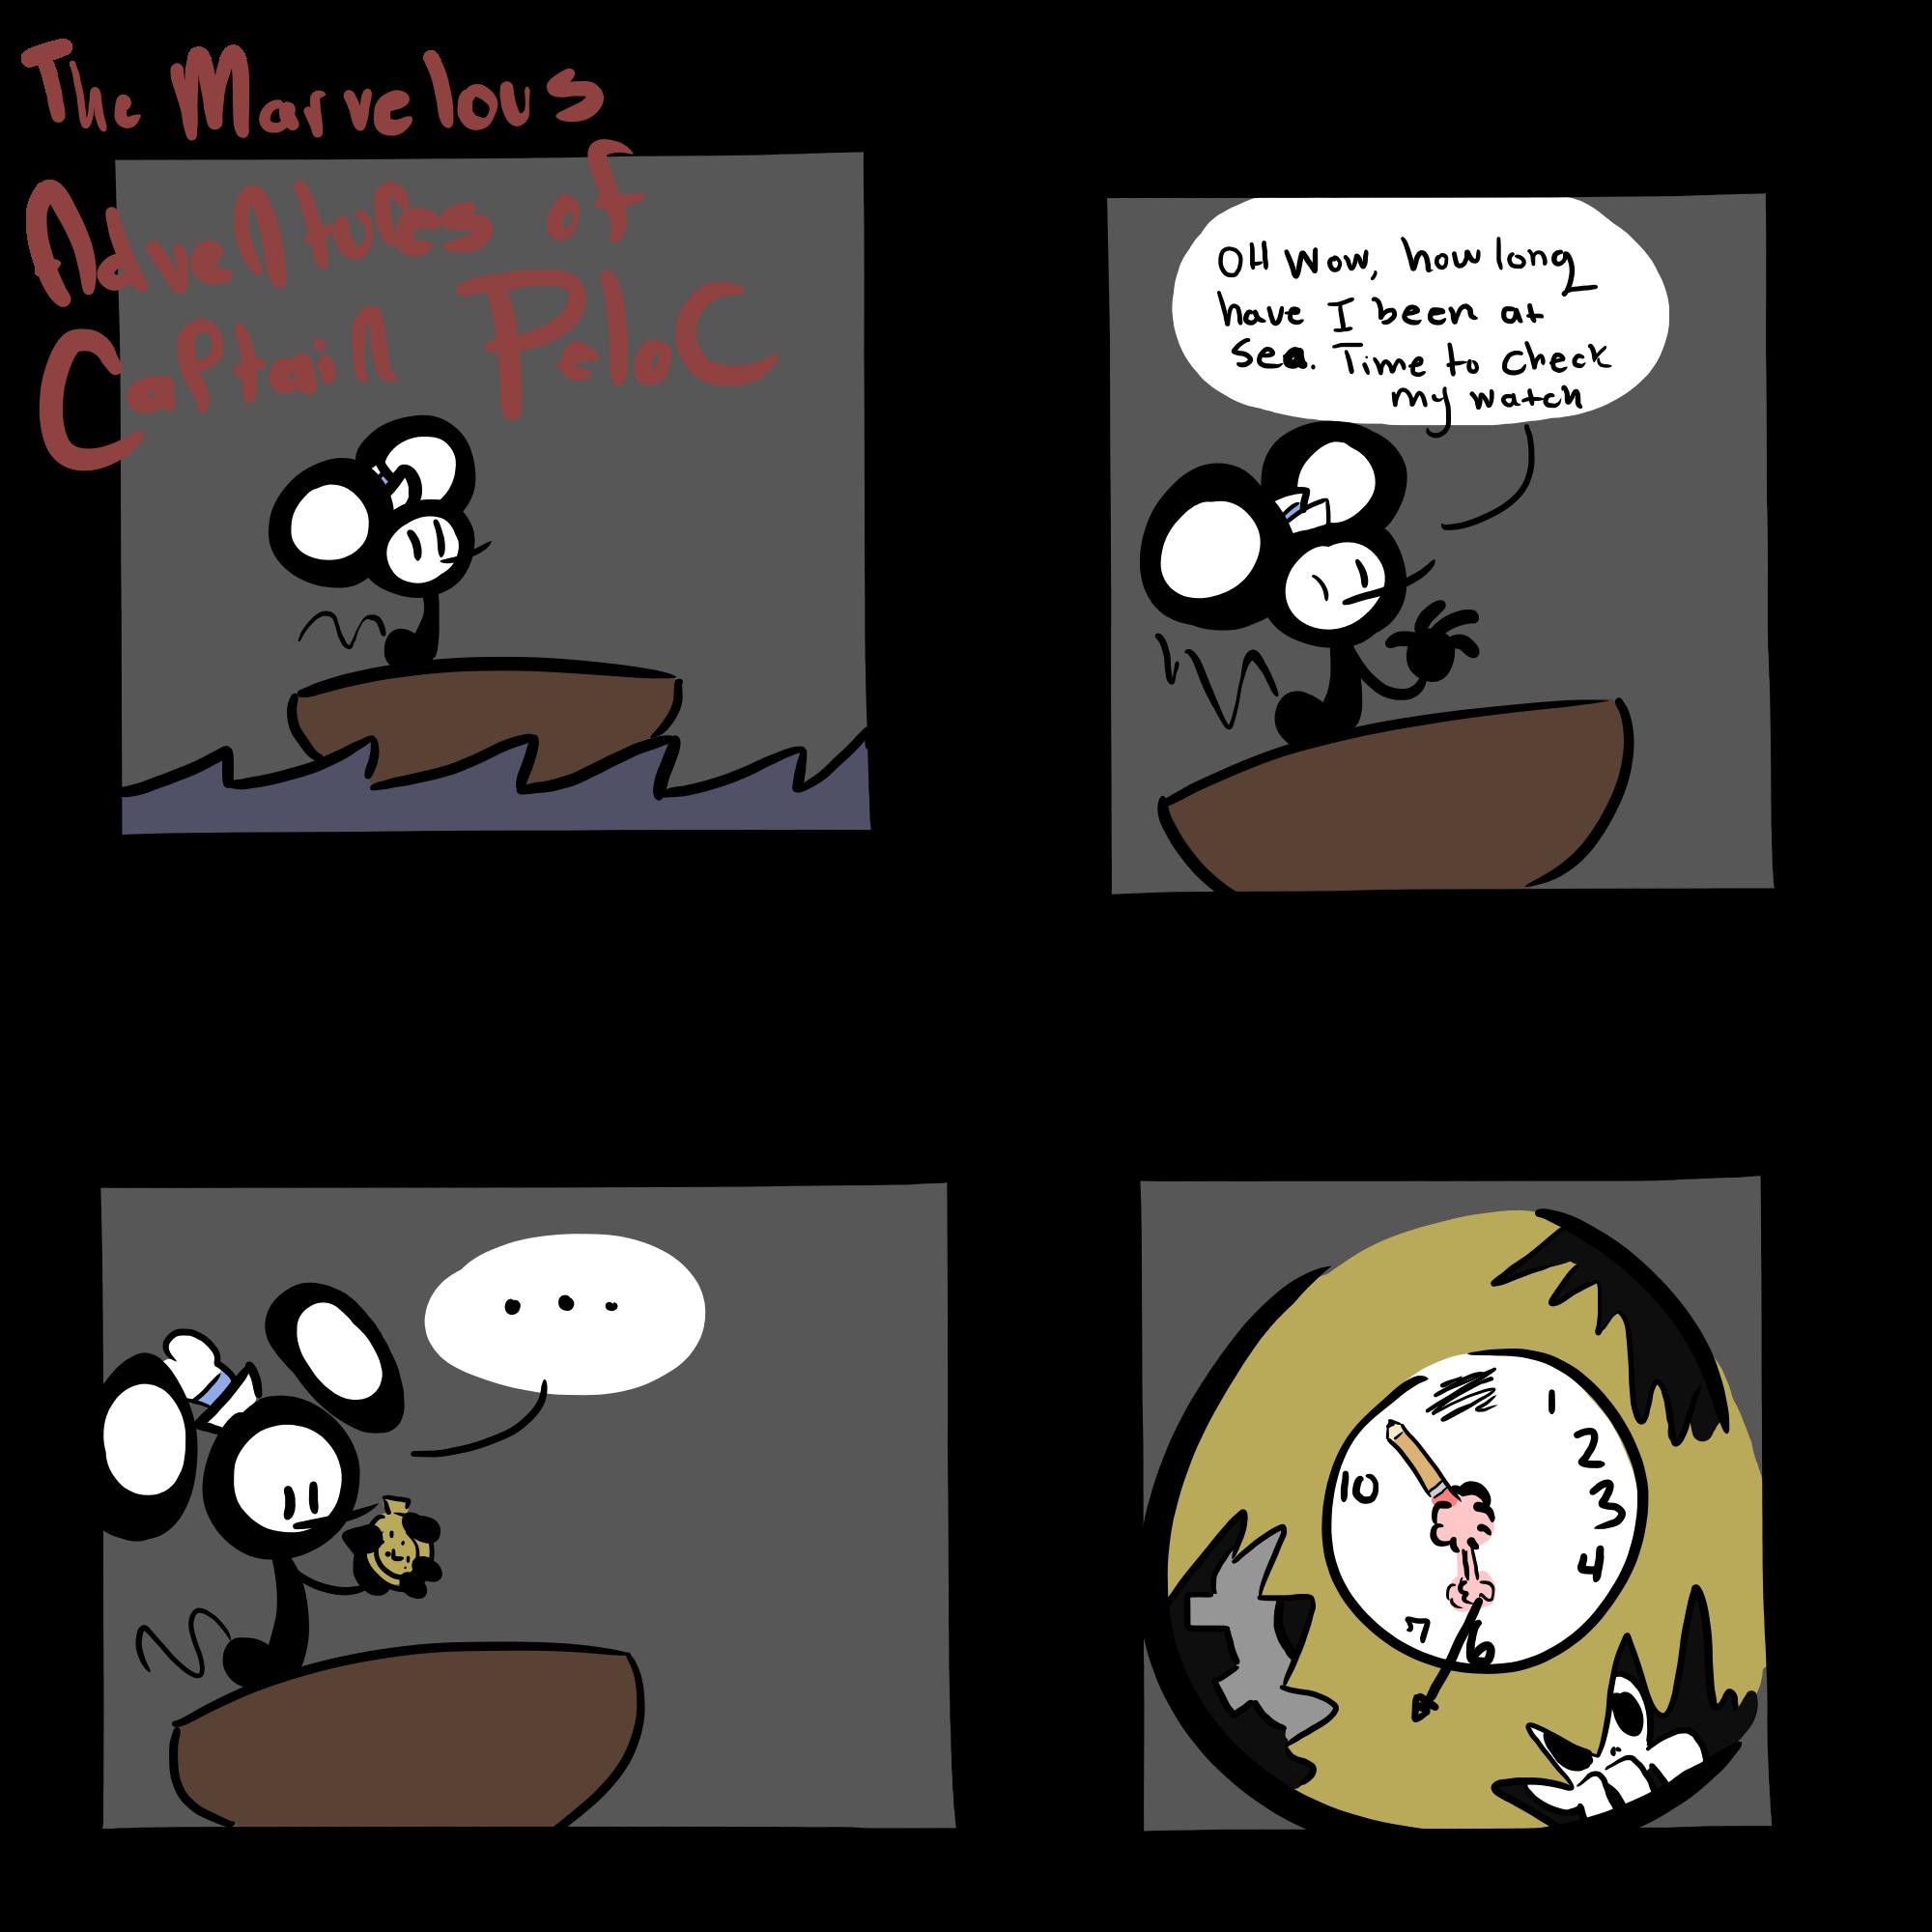 The Misadventures of Peloc